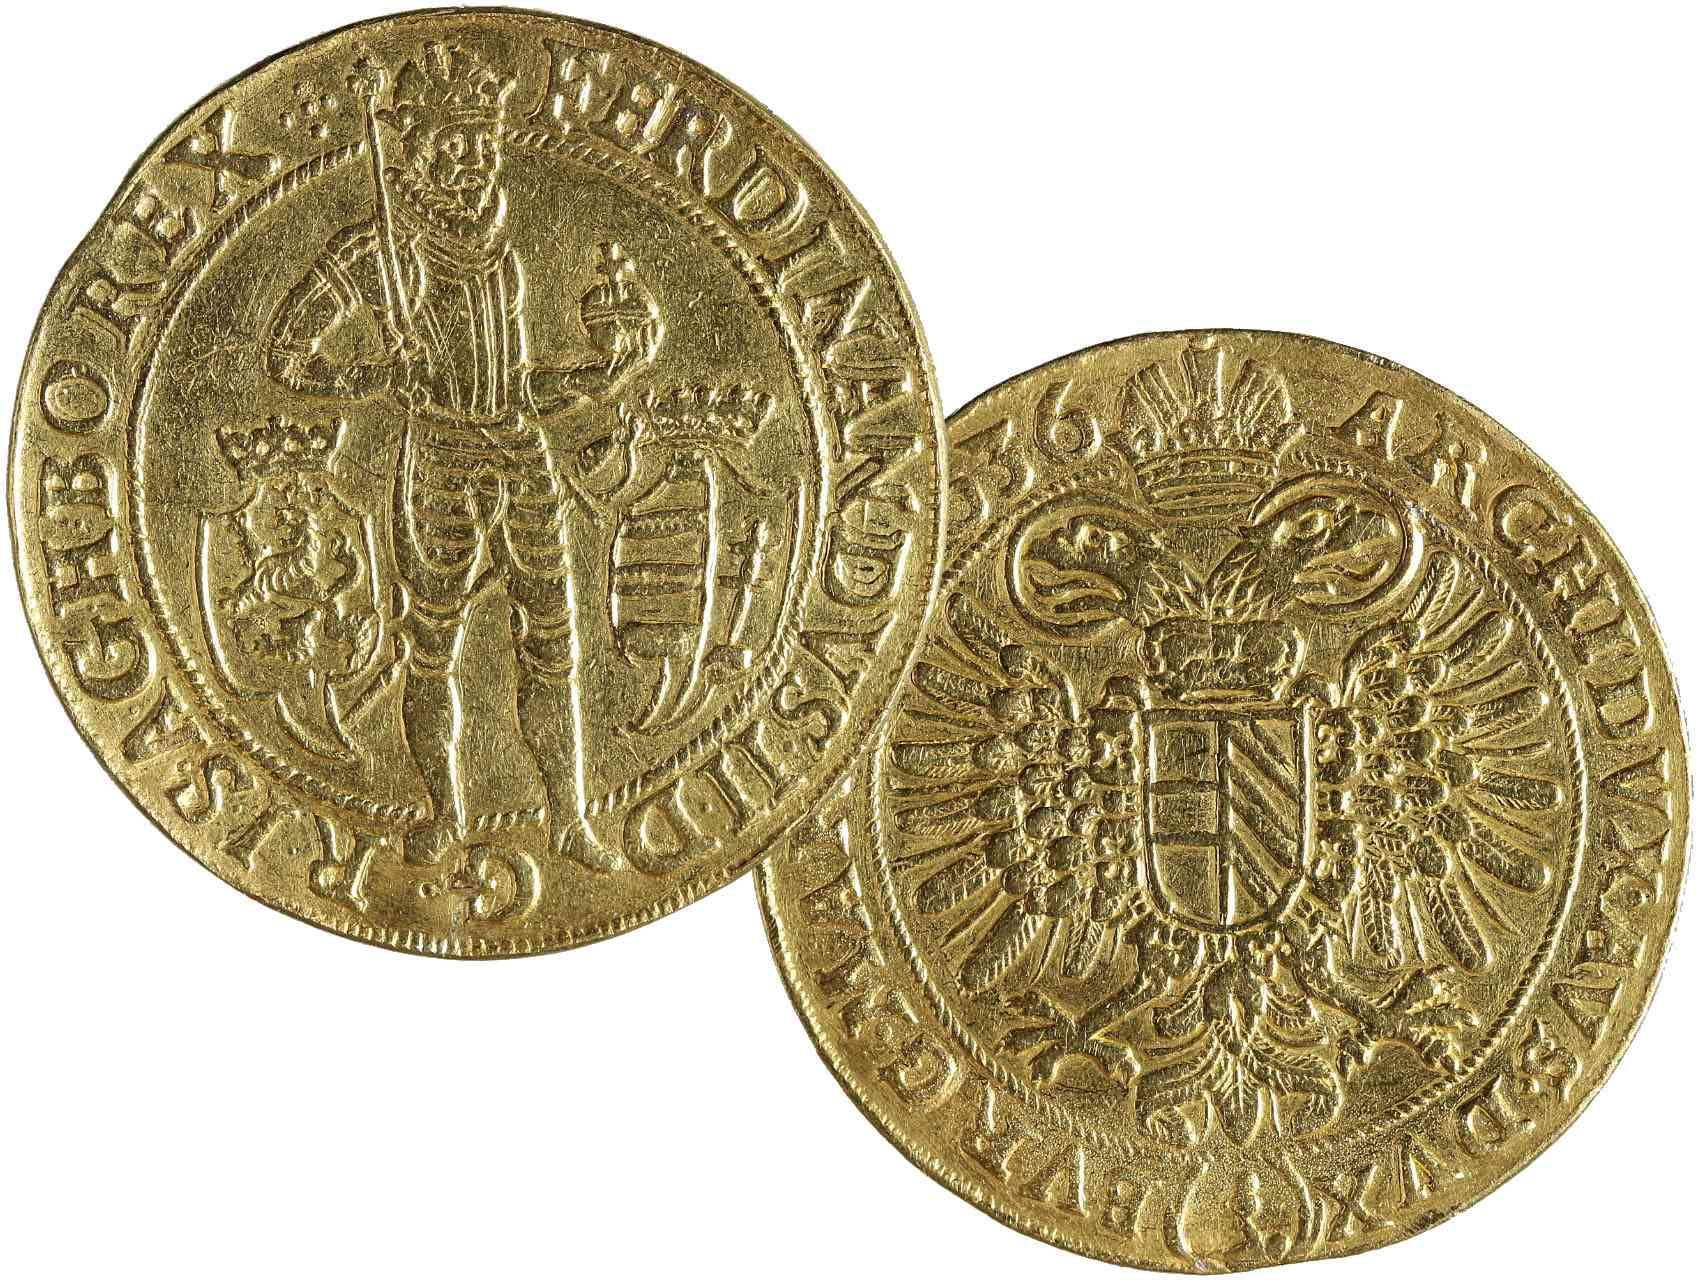 Ferdinand II. 1619-1637 - 10 Dukát 1636 Praha, Schuster, 34,21g, Hal. 713, na hraně stopa po zasazení, ex. aukce Rauch 65/2000, vzácný